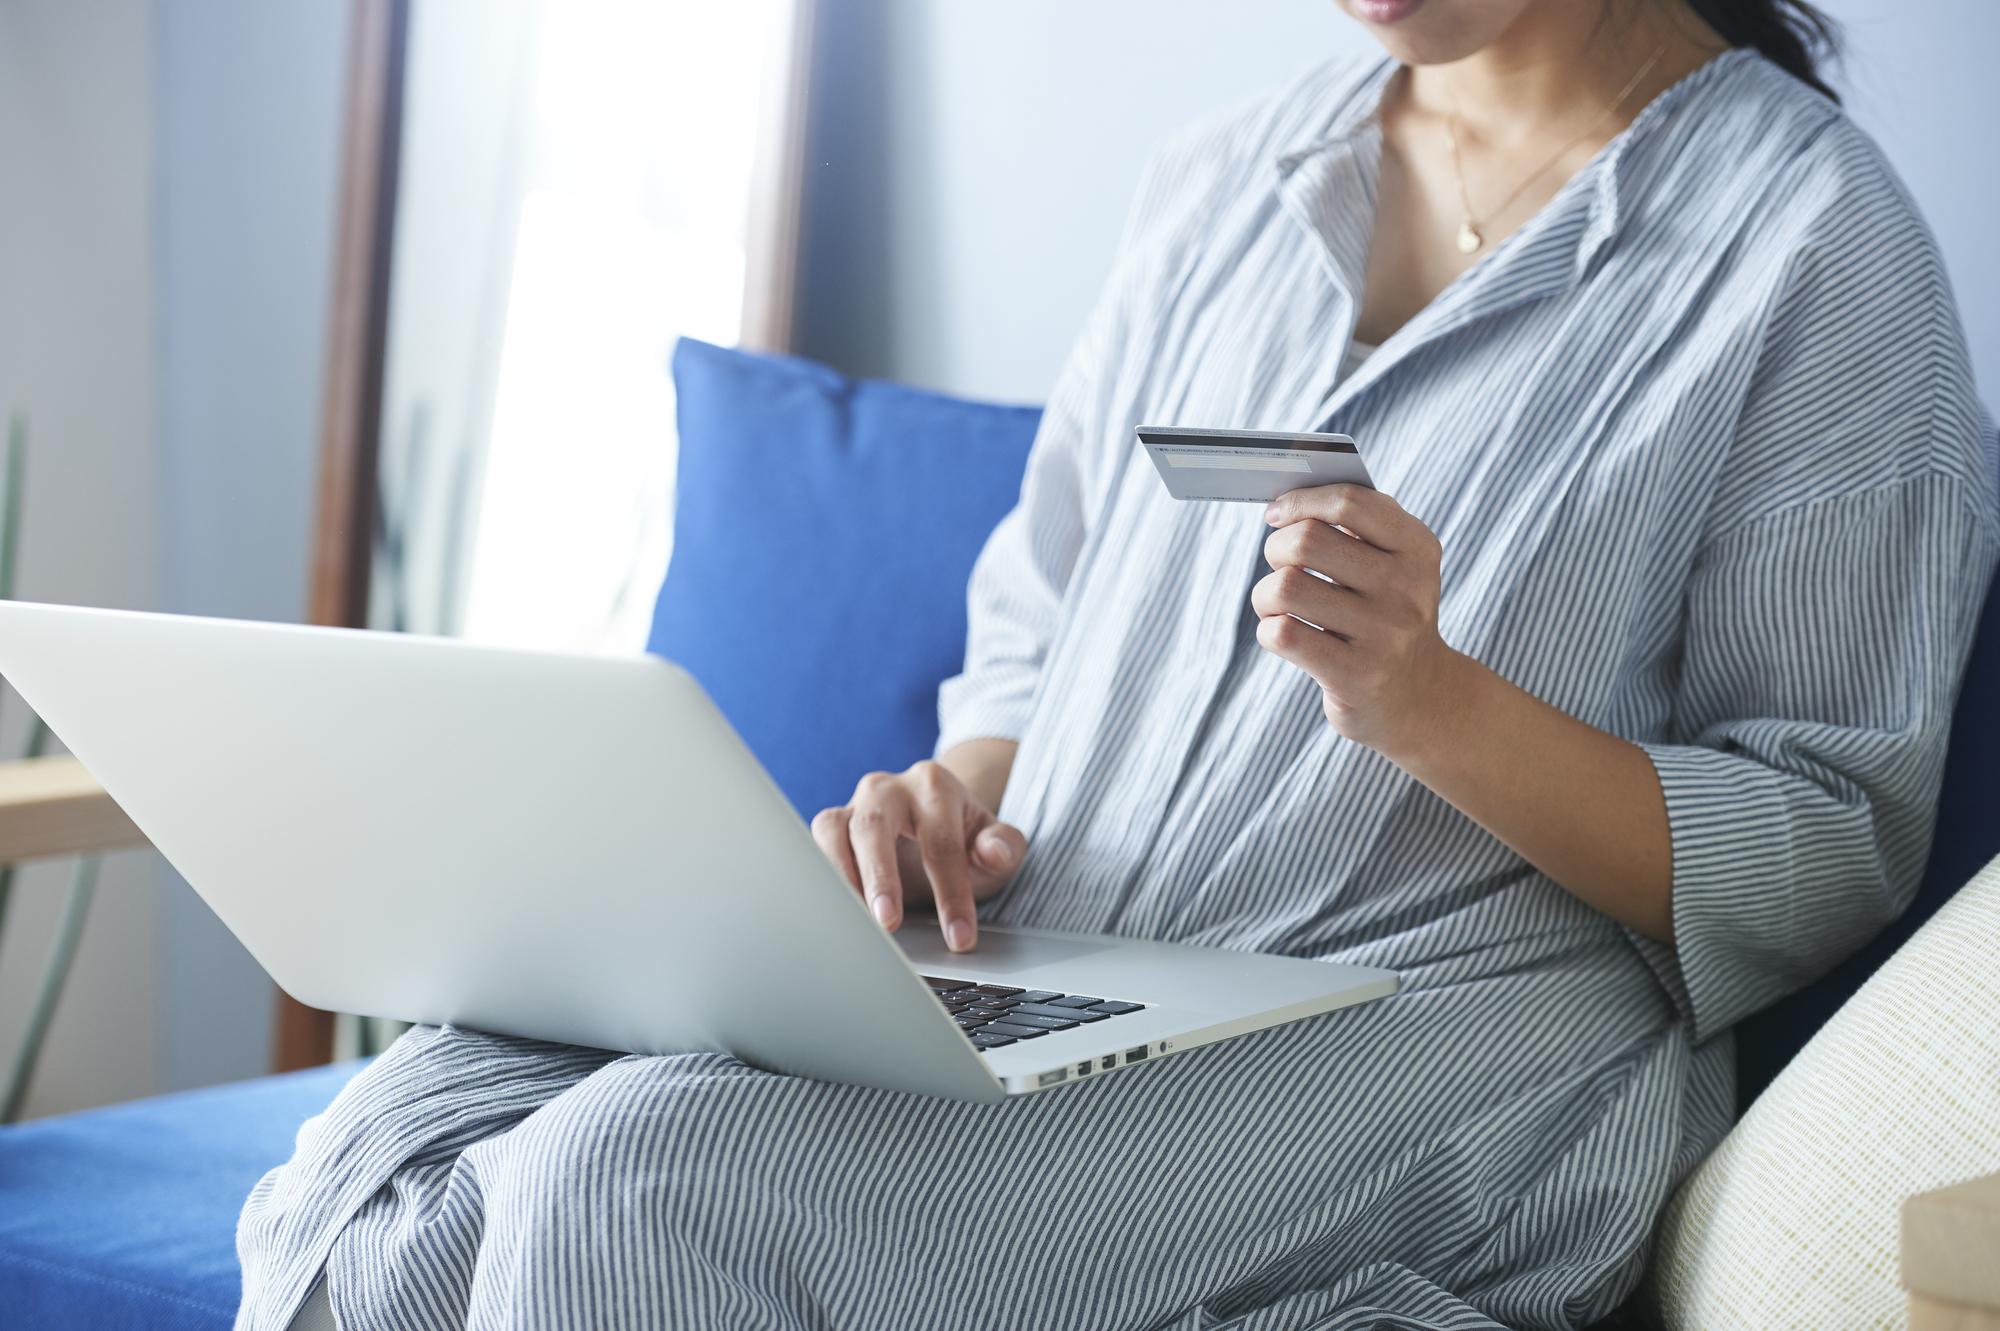 楽天PINKカードの2つの保険内容とは?保険の適用条件や月々の保険料も解説!